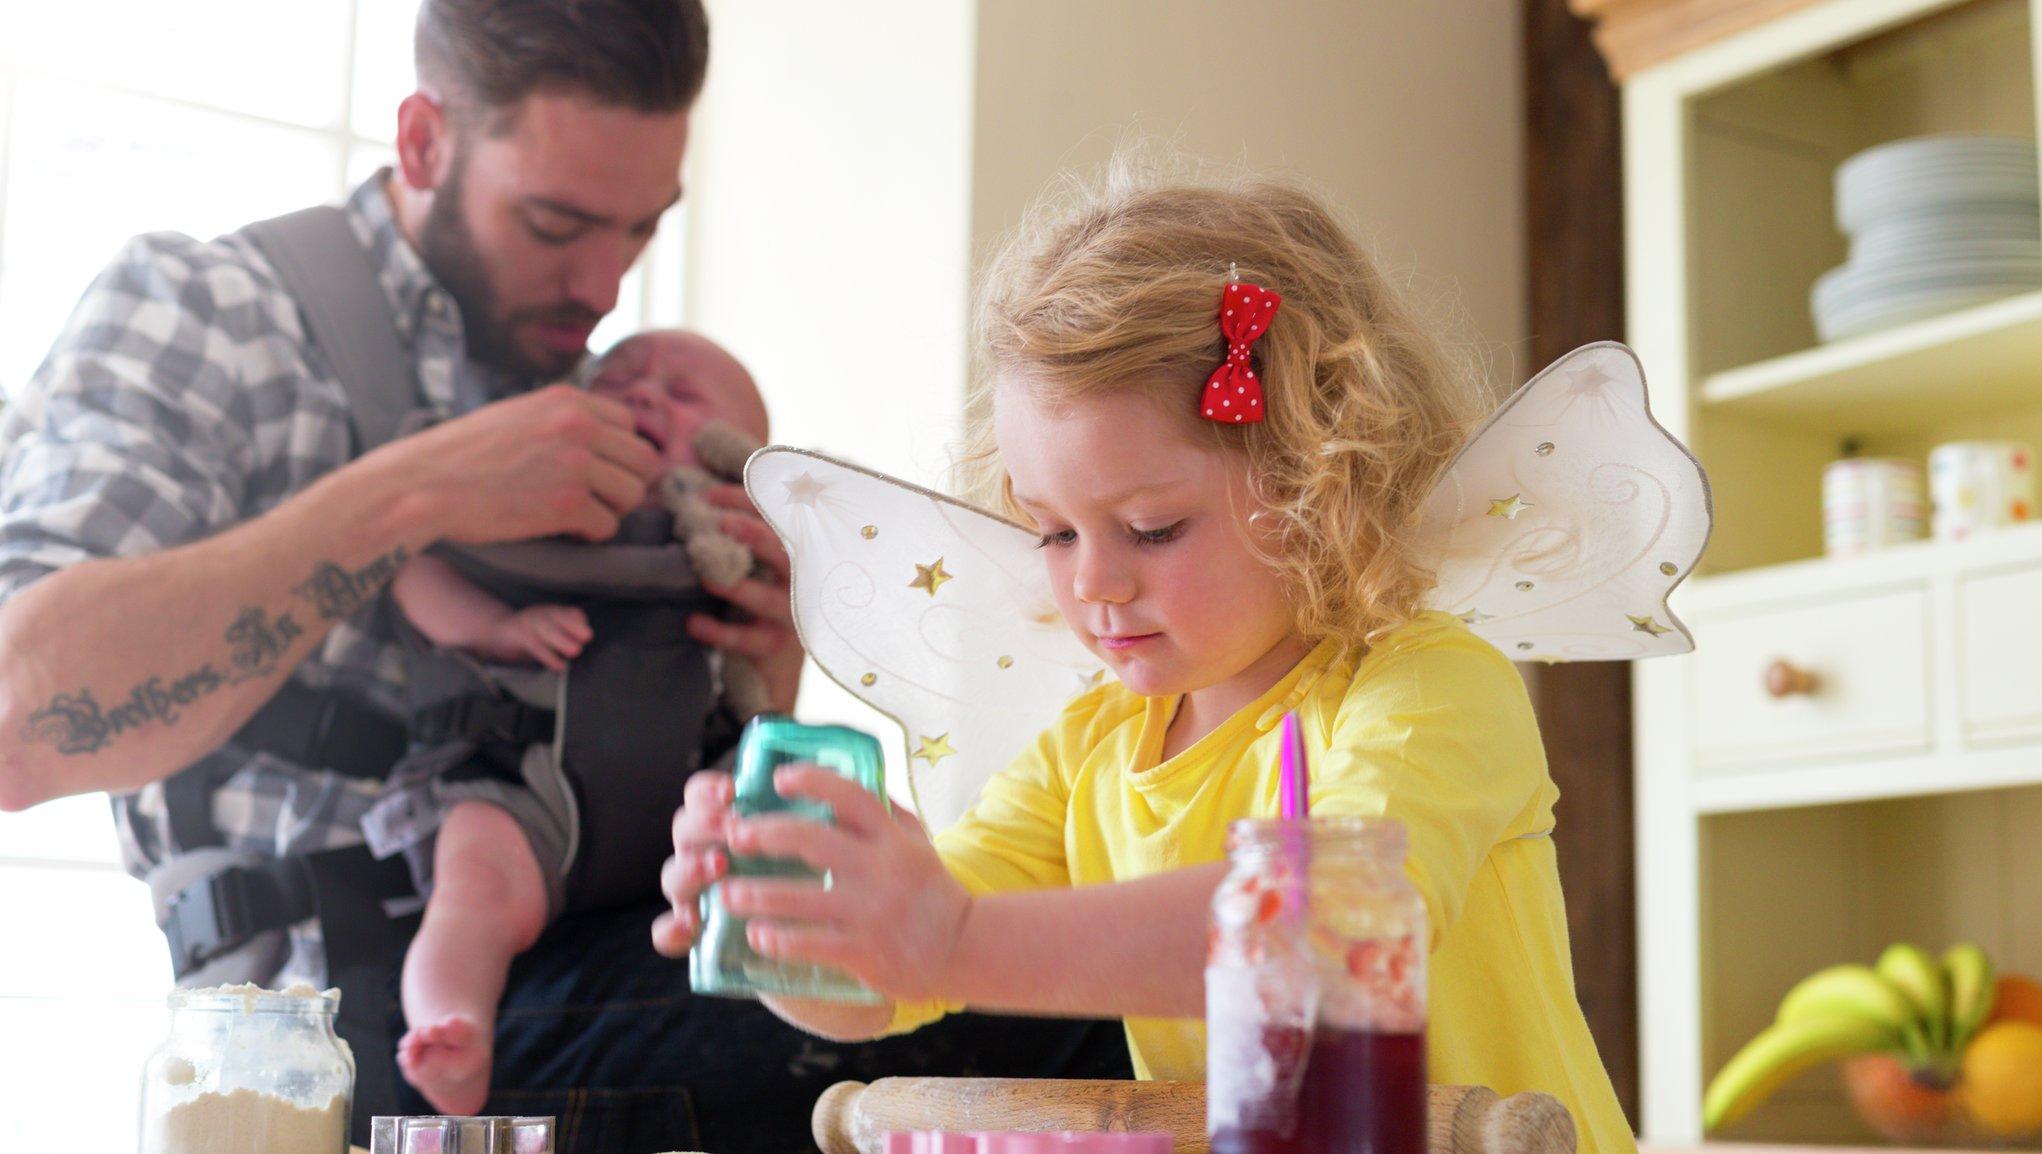 barn leker och pappa matar bebis